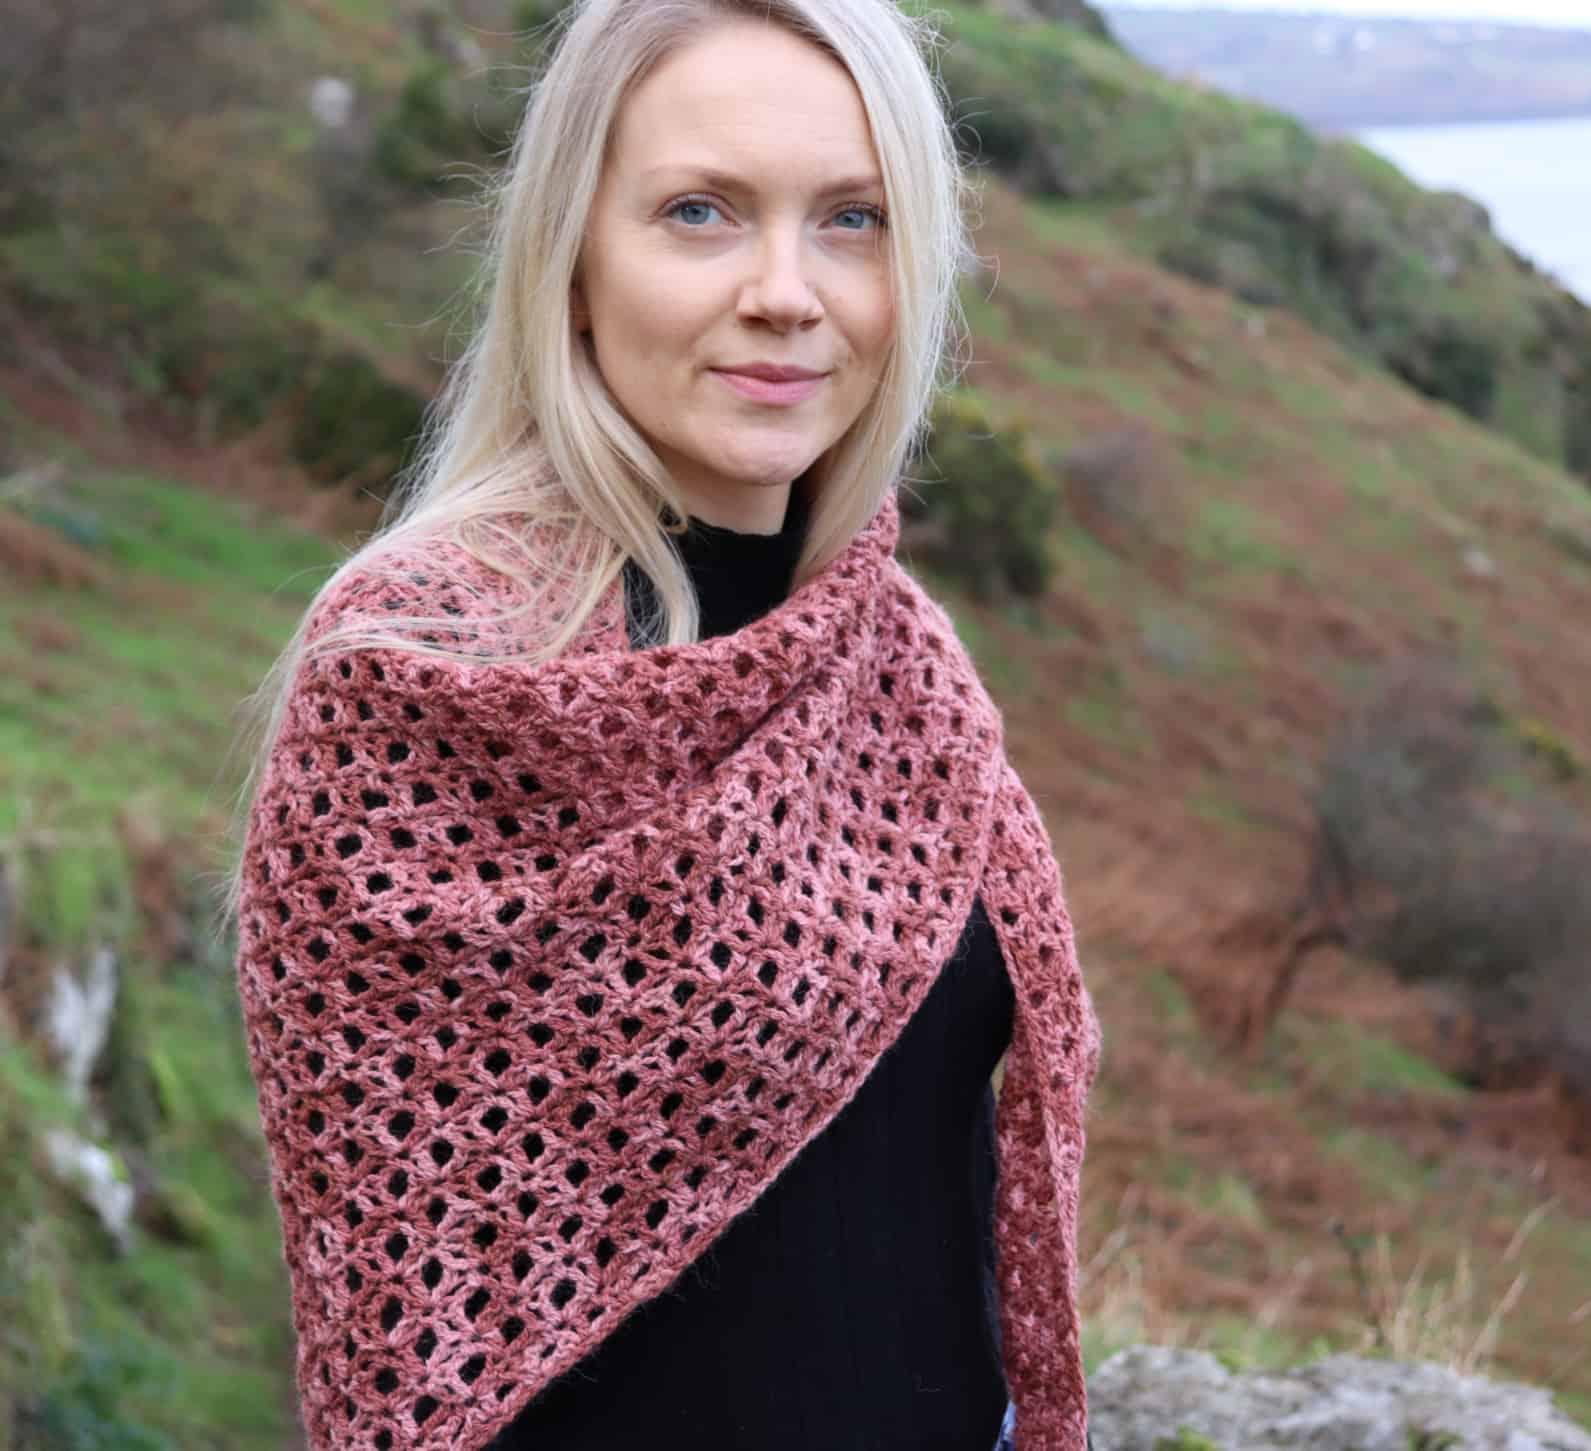 Halo Shawl Free Crochet Shawl Pattern